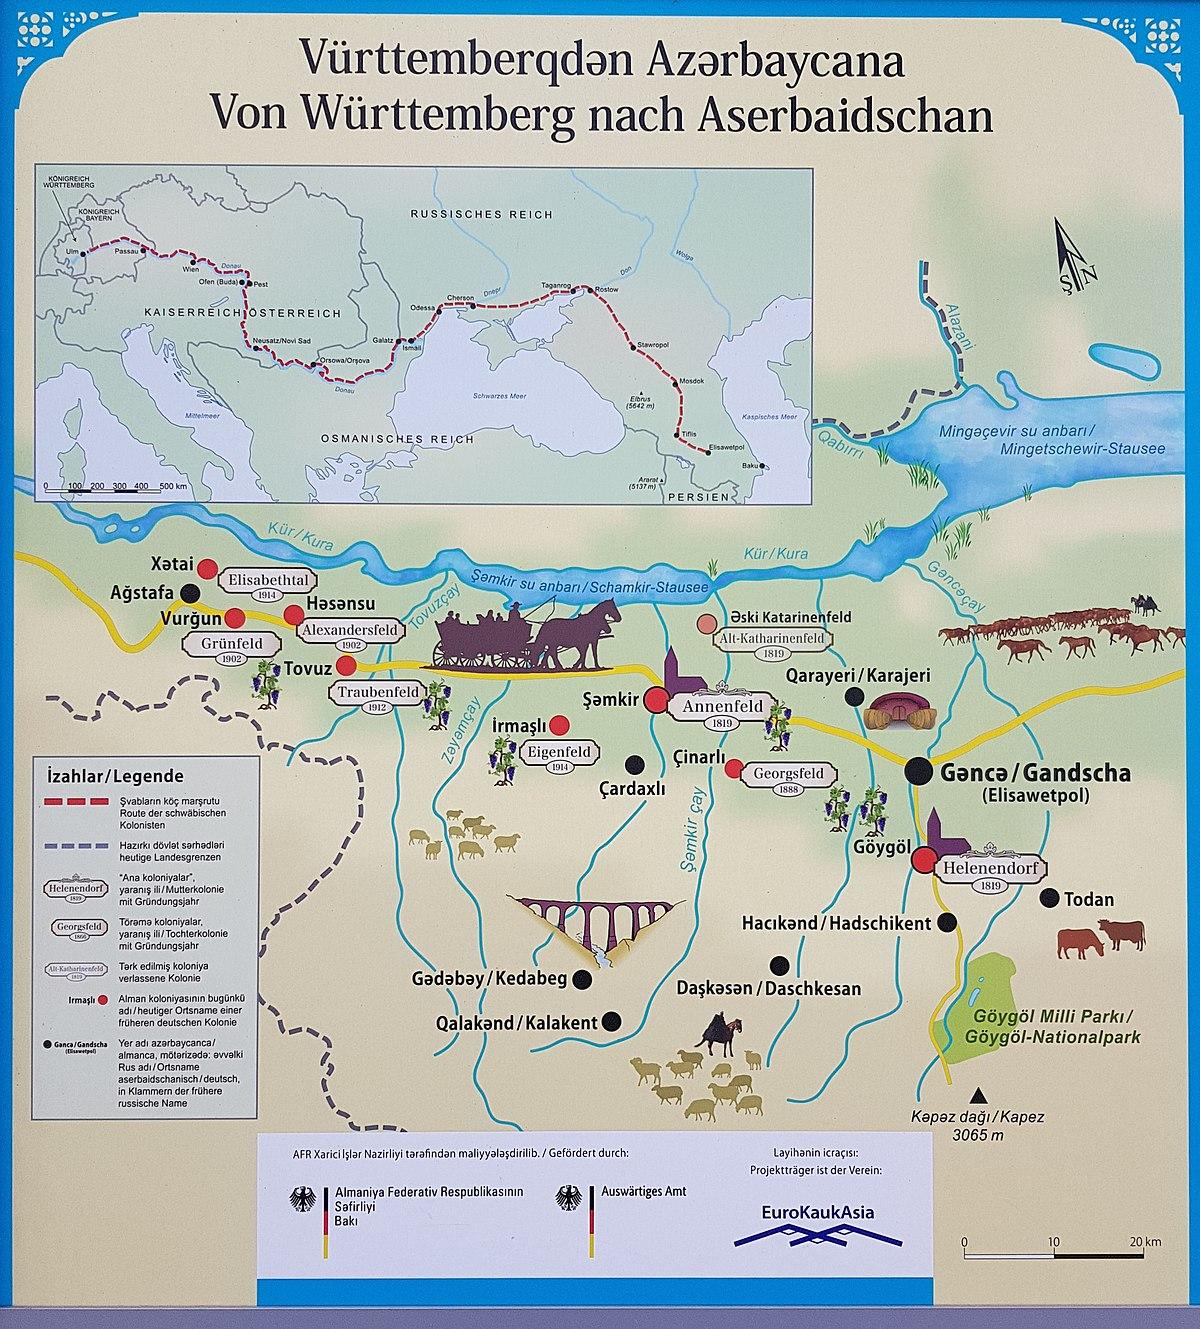 Von Württemberg nach Aserbaidschan.jpg